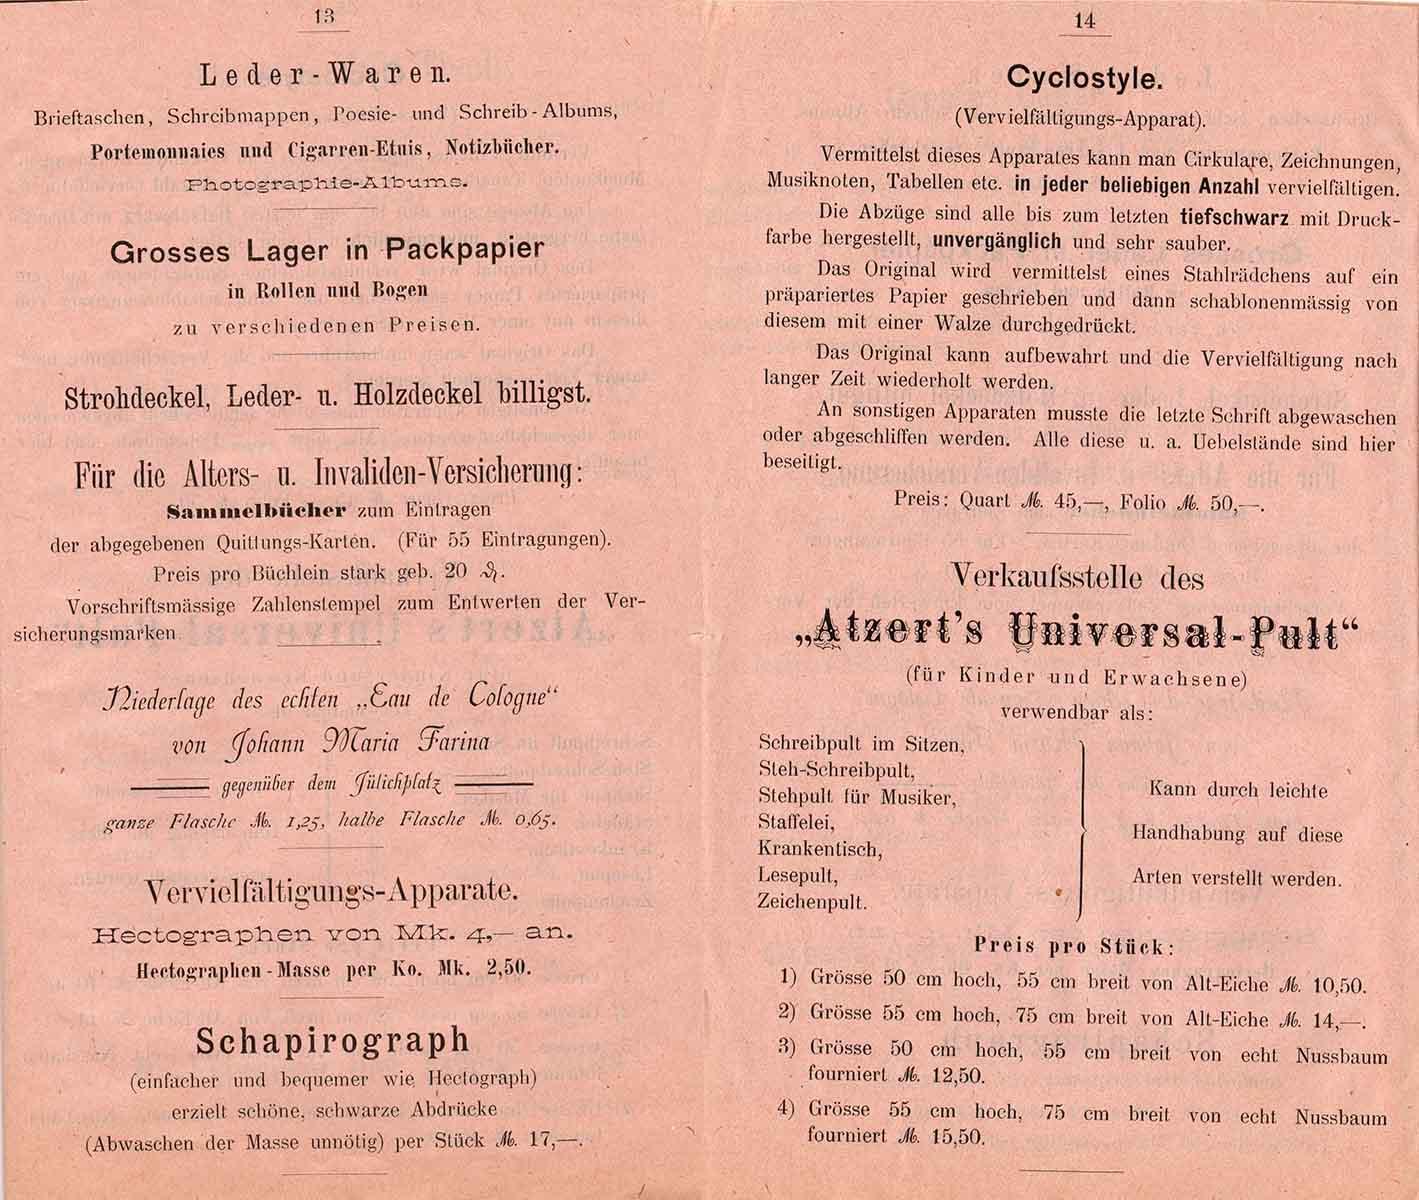 Die Stiftsbuchhandlung hatte - neben Portemonnaies, Kölnisch Wasser und Strohdeckeln - auch eine breite Palette an um 1900 modernen Vervielfältigungsapparaten im Angebot, aus Bestand AEKR Boppard